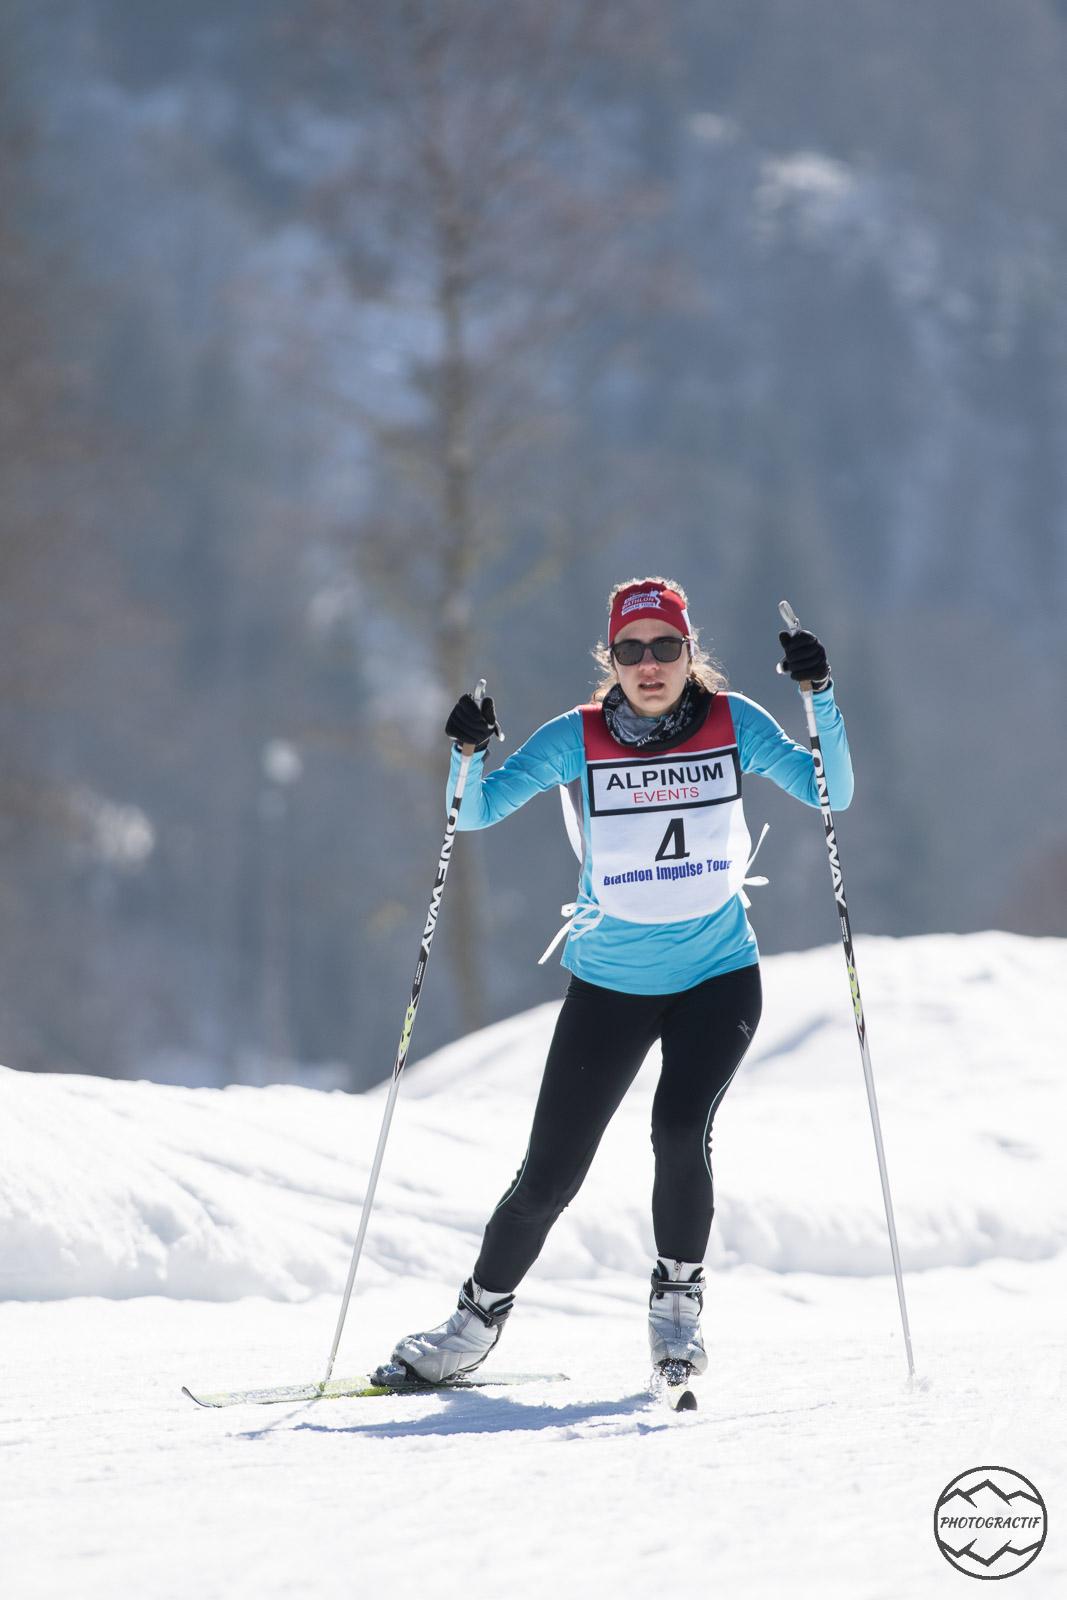 Biathlon Alpinum Les Contamines 2019 (22)